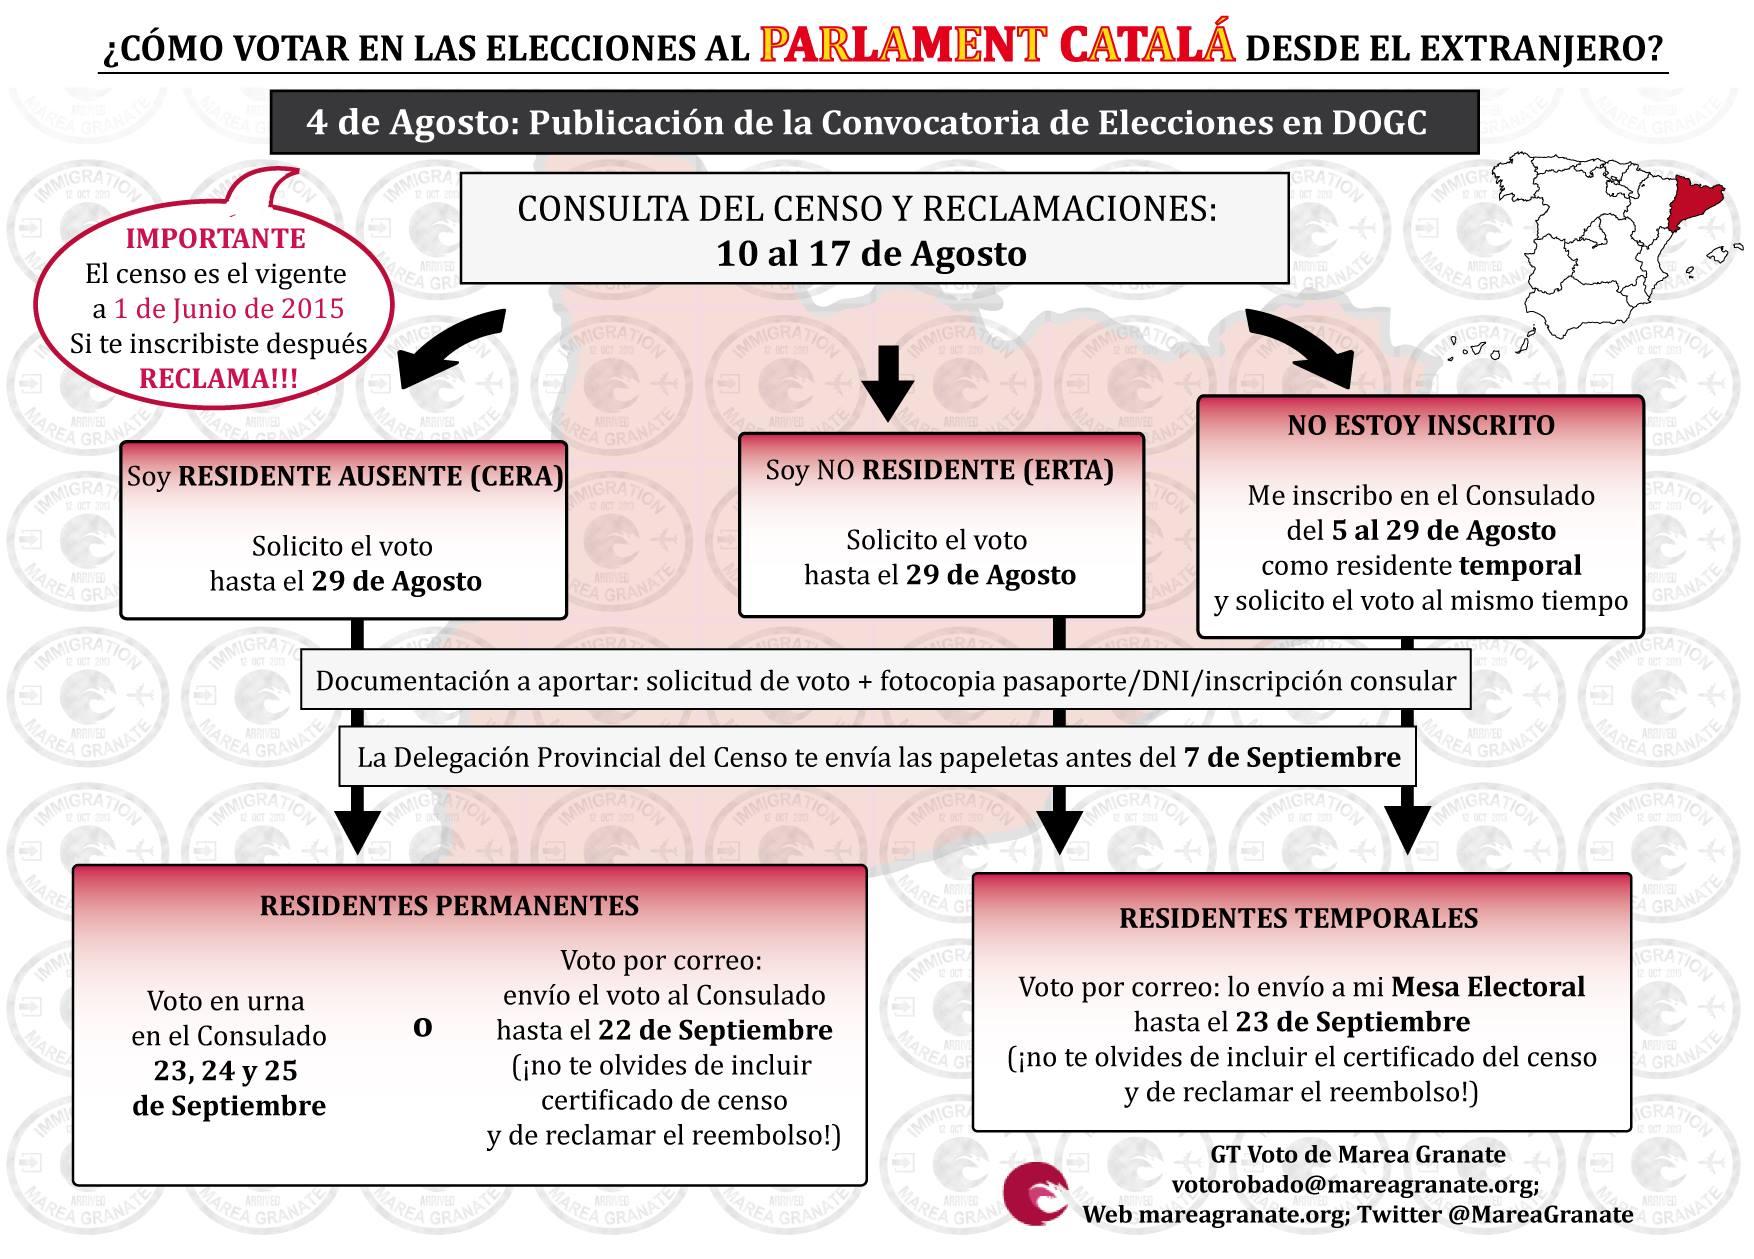 c mo votar en las elecciones al parlament de catalunya 2015 desde el exterior marea. Black Bedroom Furniture Sets. Home Design Ideas